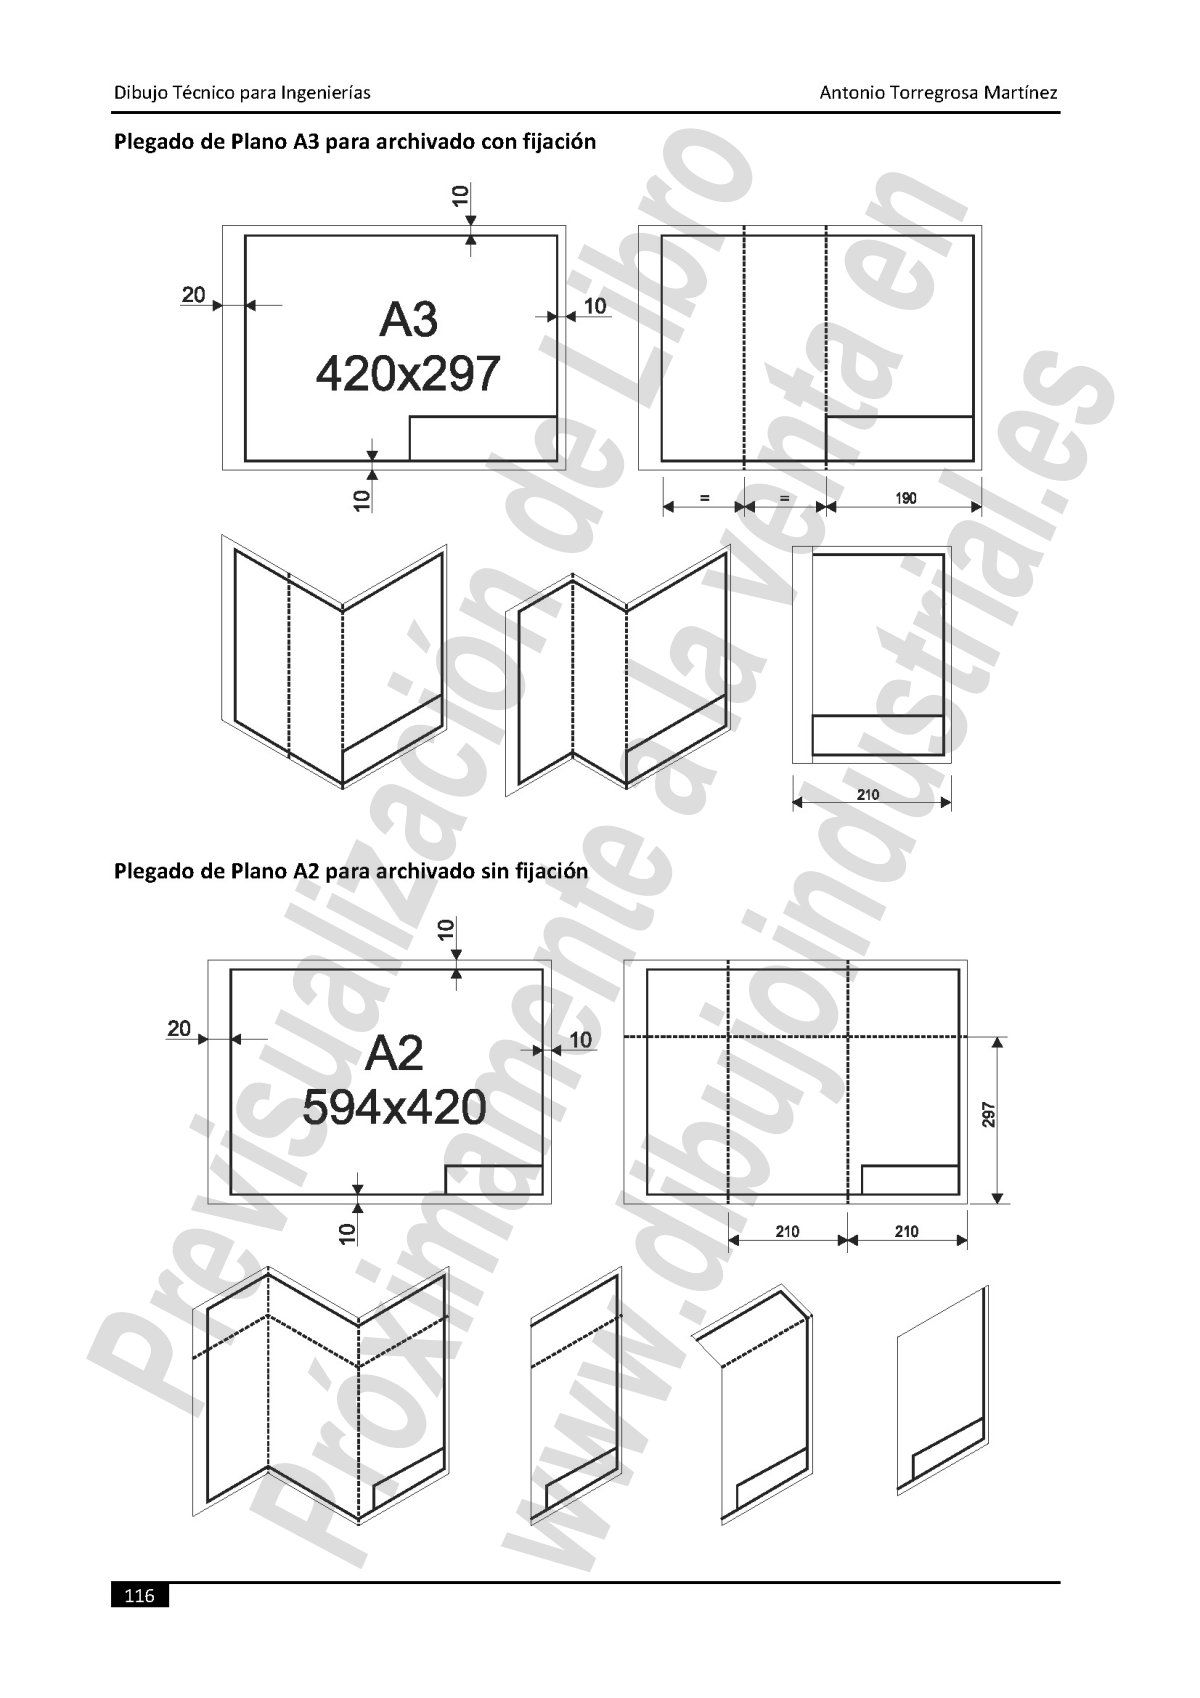 Dibujo Tecnico Industrial Y Civil 7 8 Plegado De Planos Tecnicas De Dibujo Planos Rotulacion